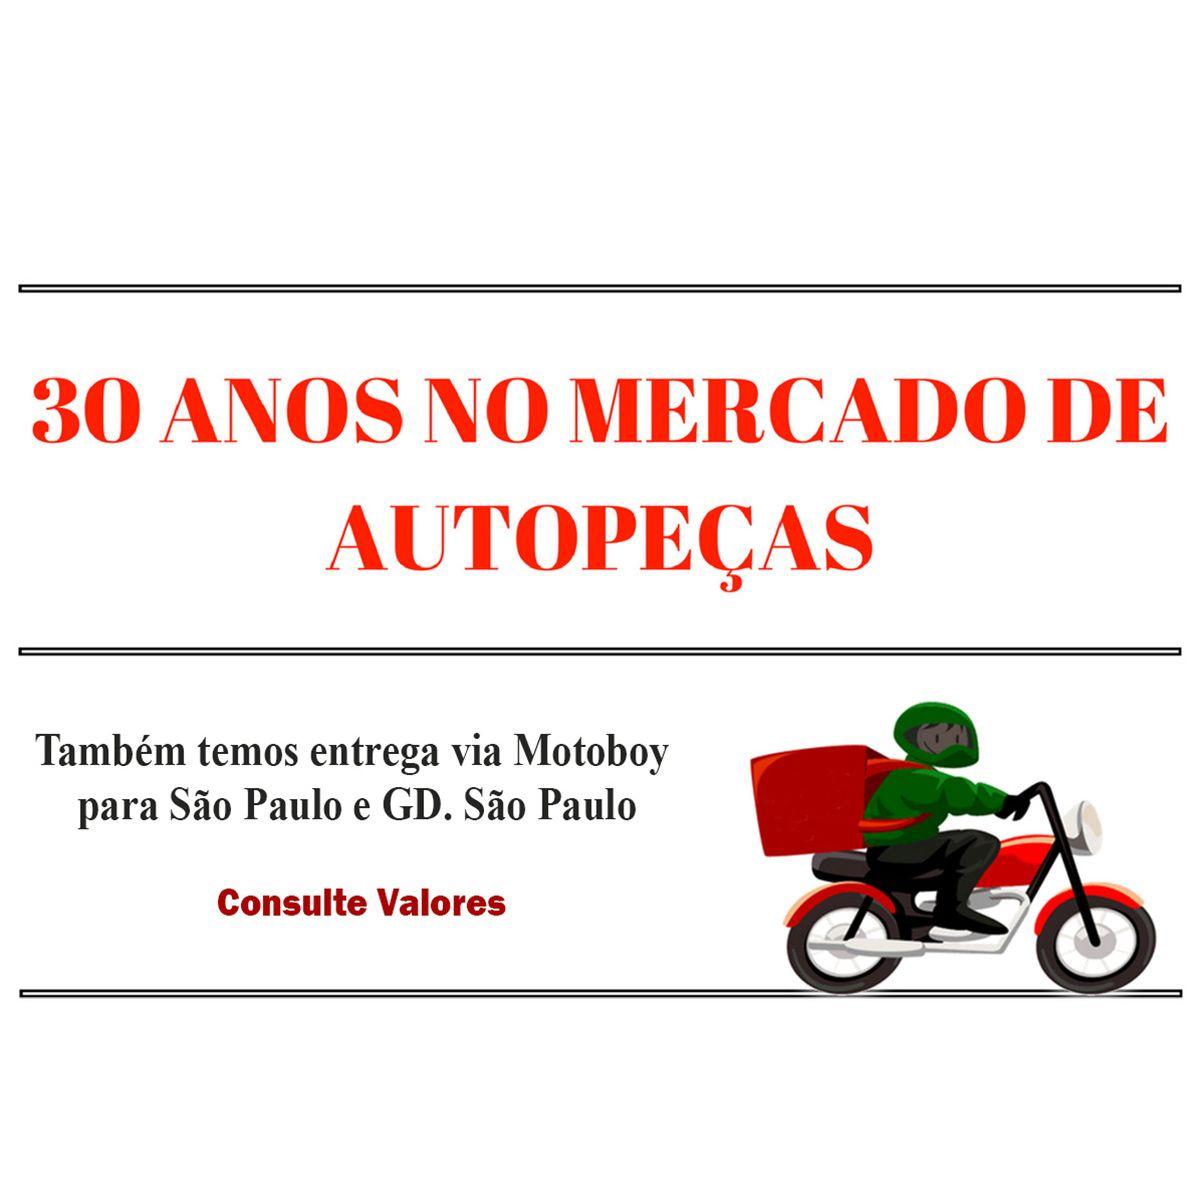 BOLSA DE AR AMORTECEDOR AUDI Q7 VW TOUAREG PORSCHE CAYENNE DIANTEIRA ESQUERDA